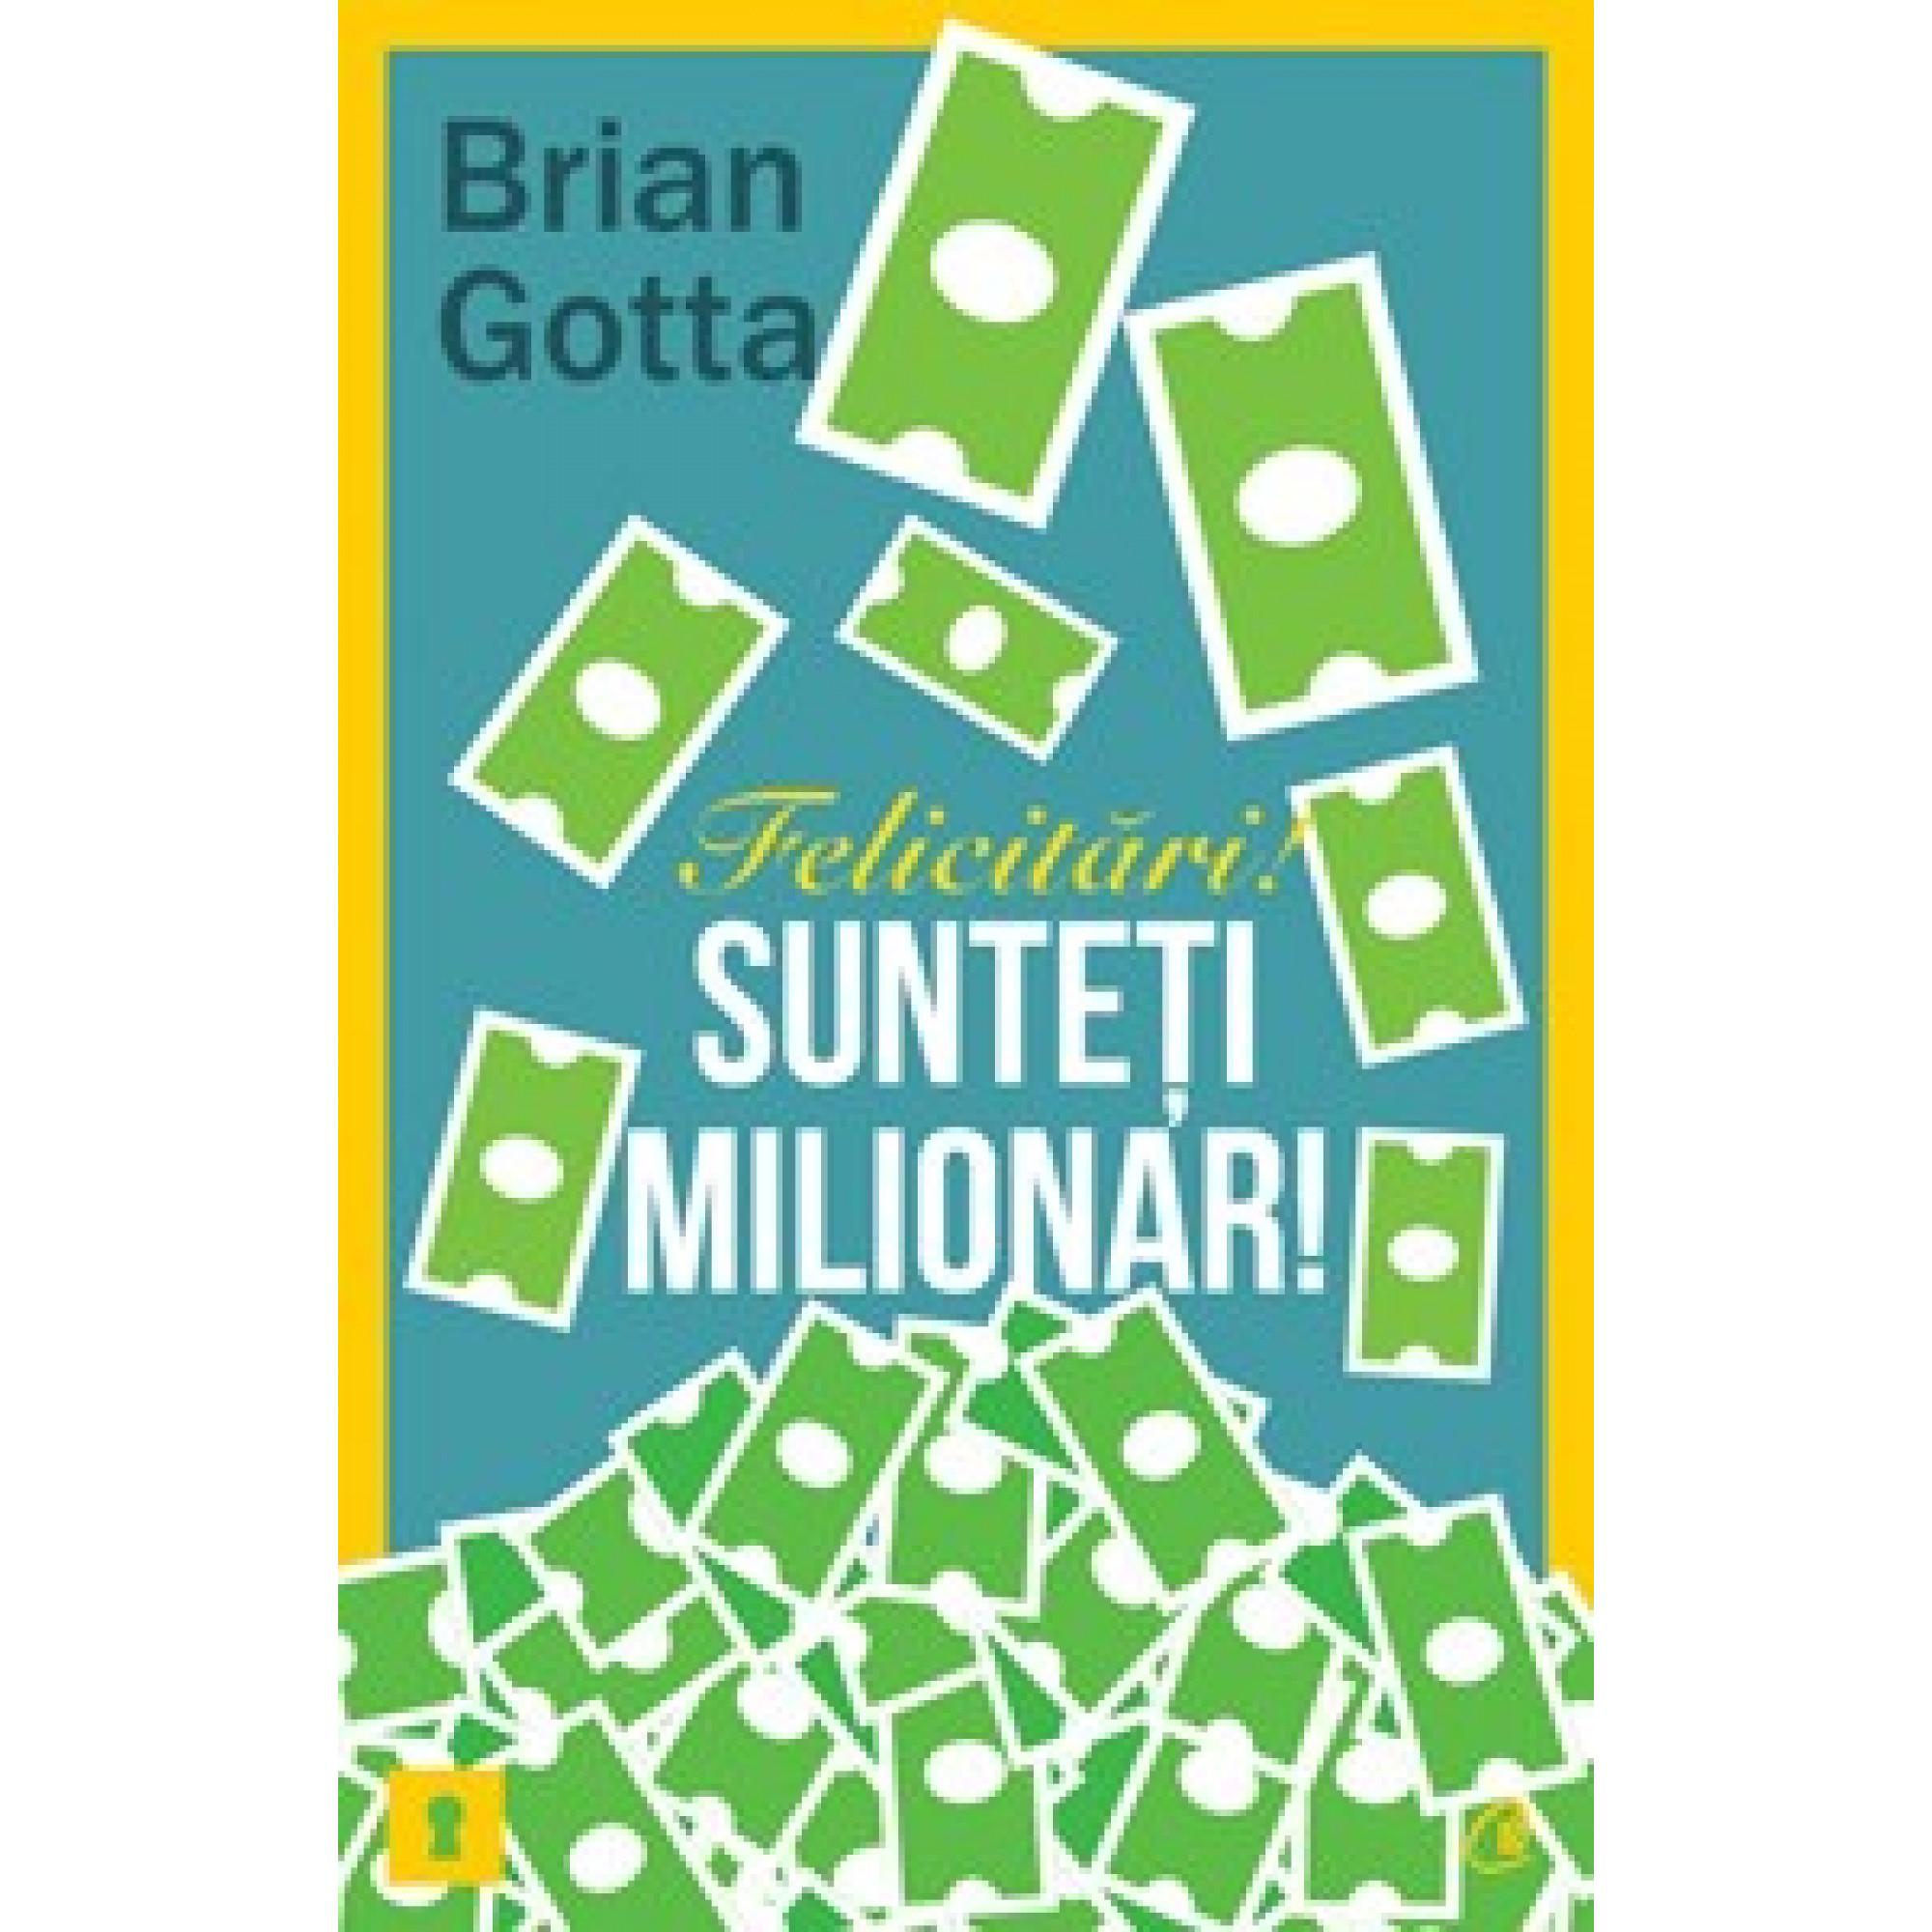 Felicitări! Sunteţi milionar! Secretele cu ajutorul cărora veţi face avere în domeniul vânzărilor